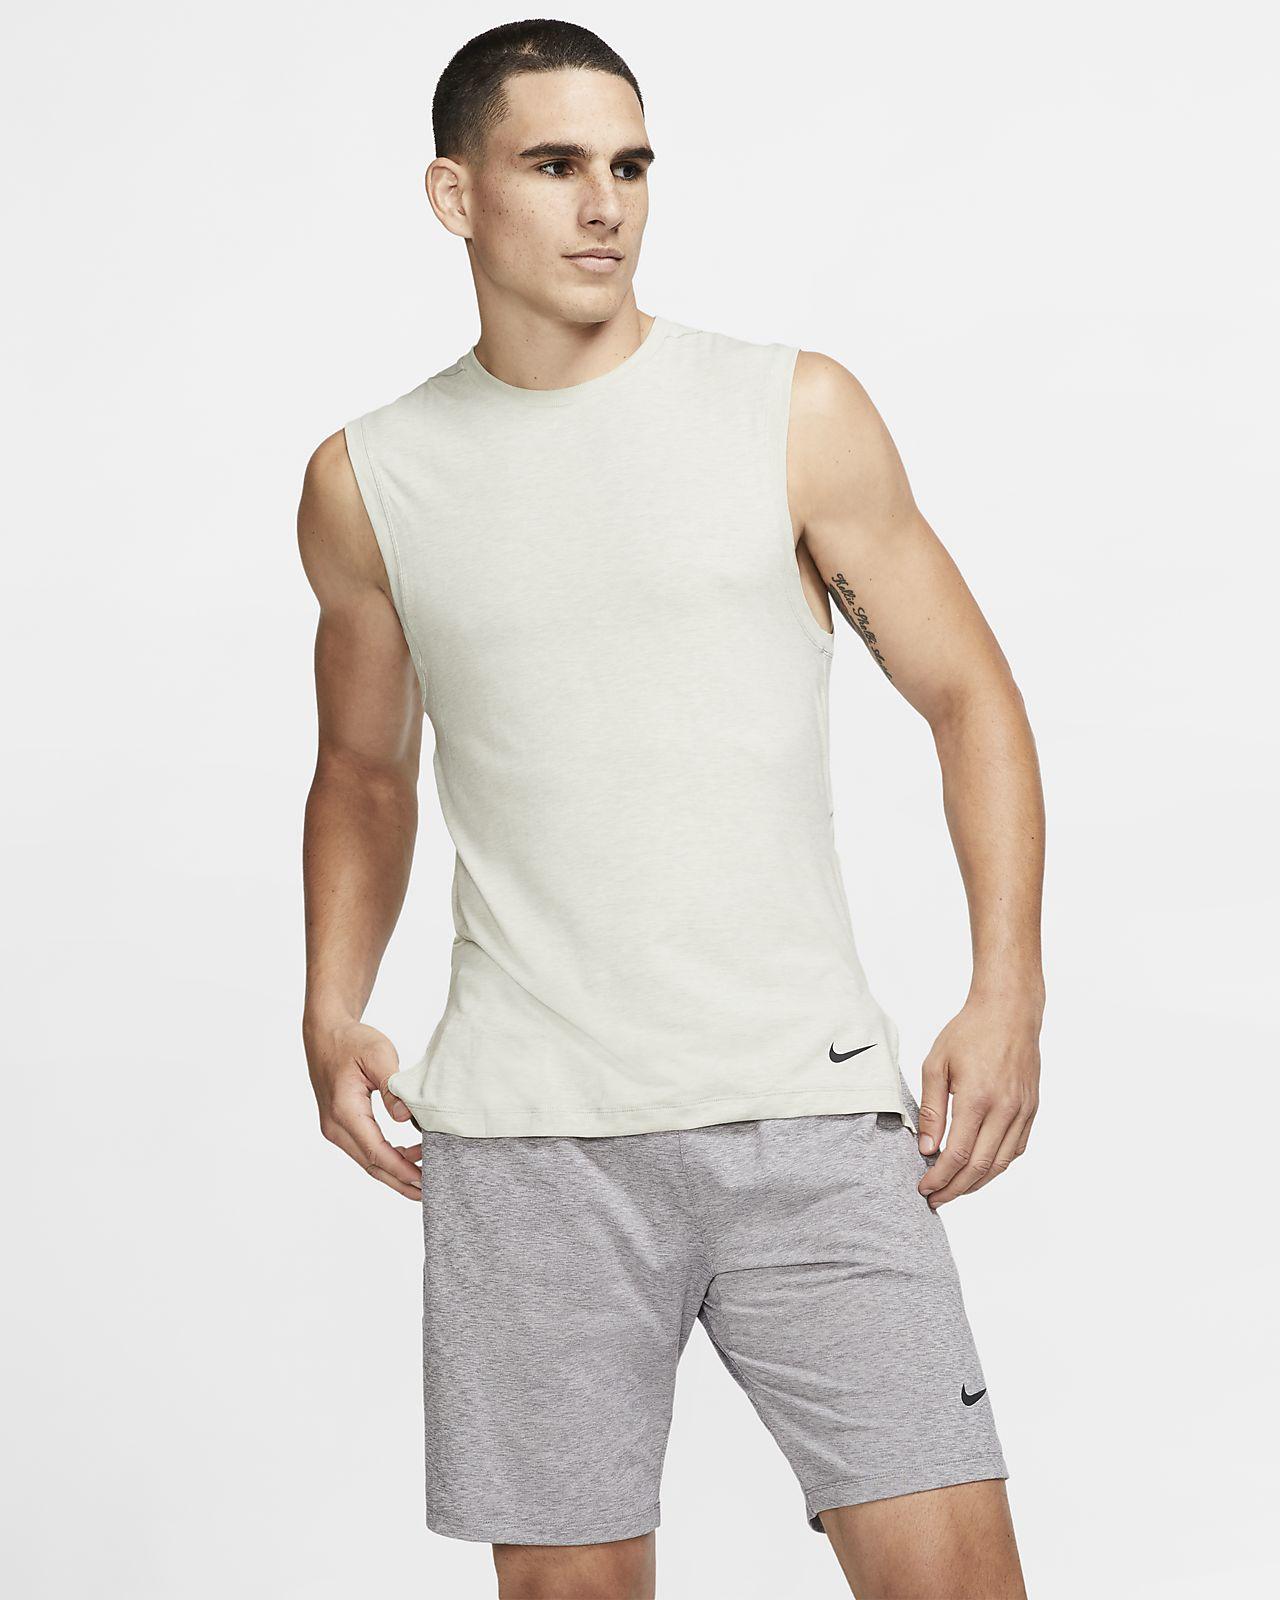 Nike Dri-FIT treningssinglet for yoga til herre